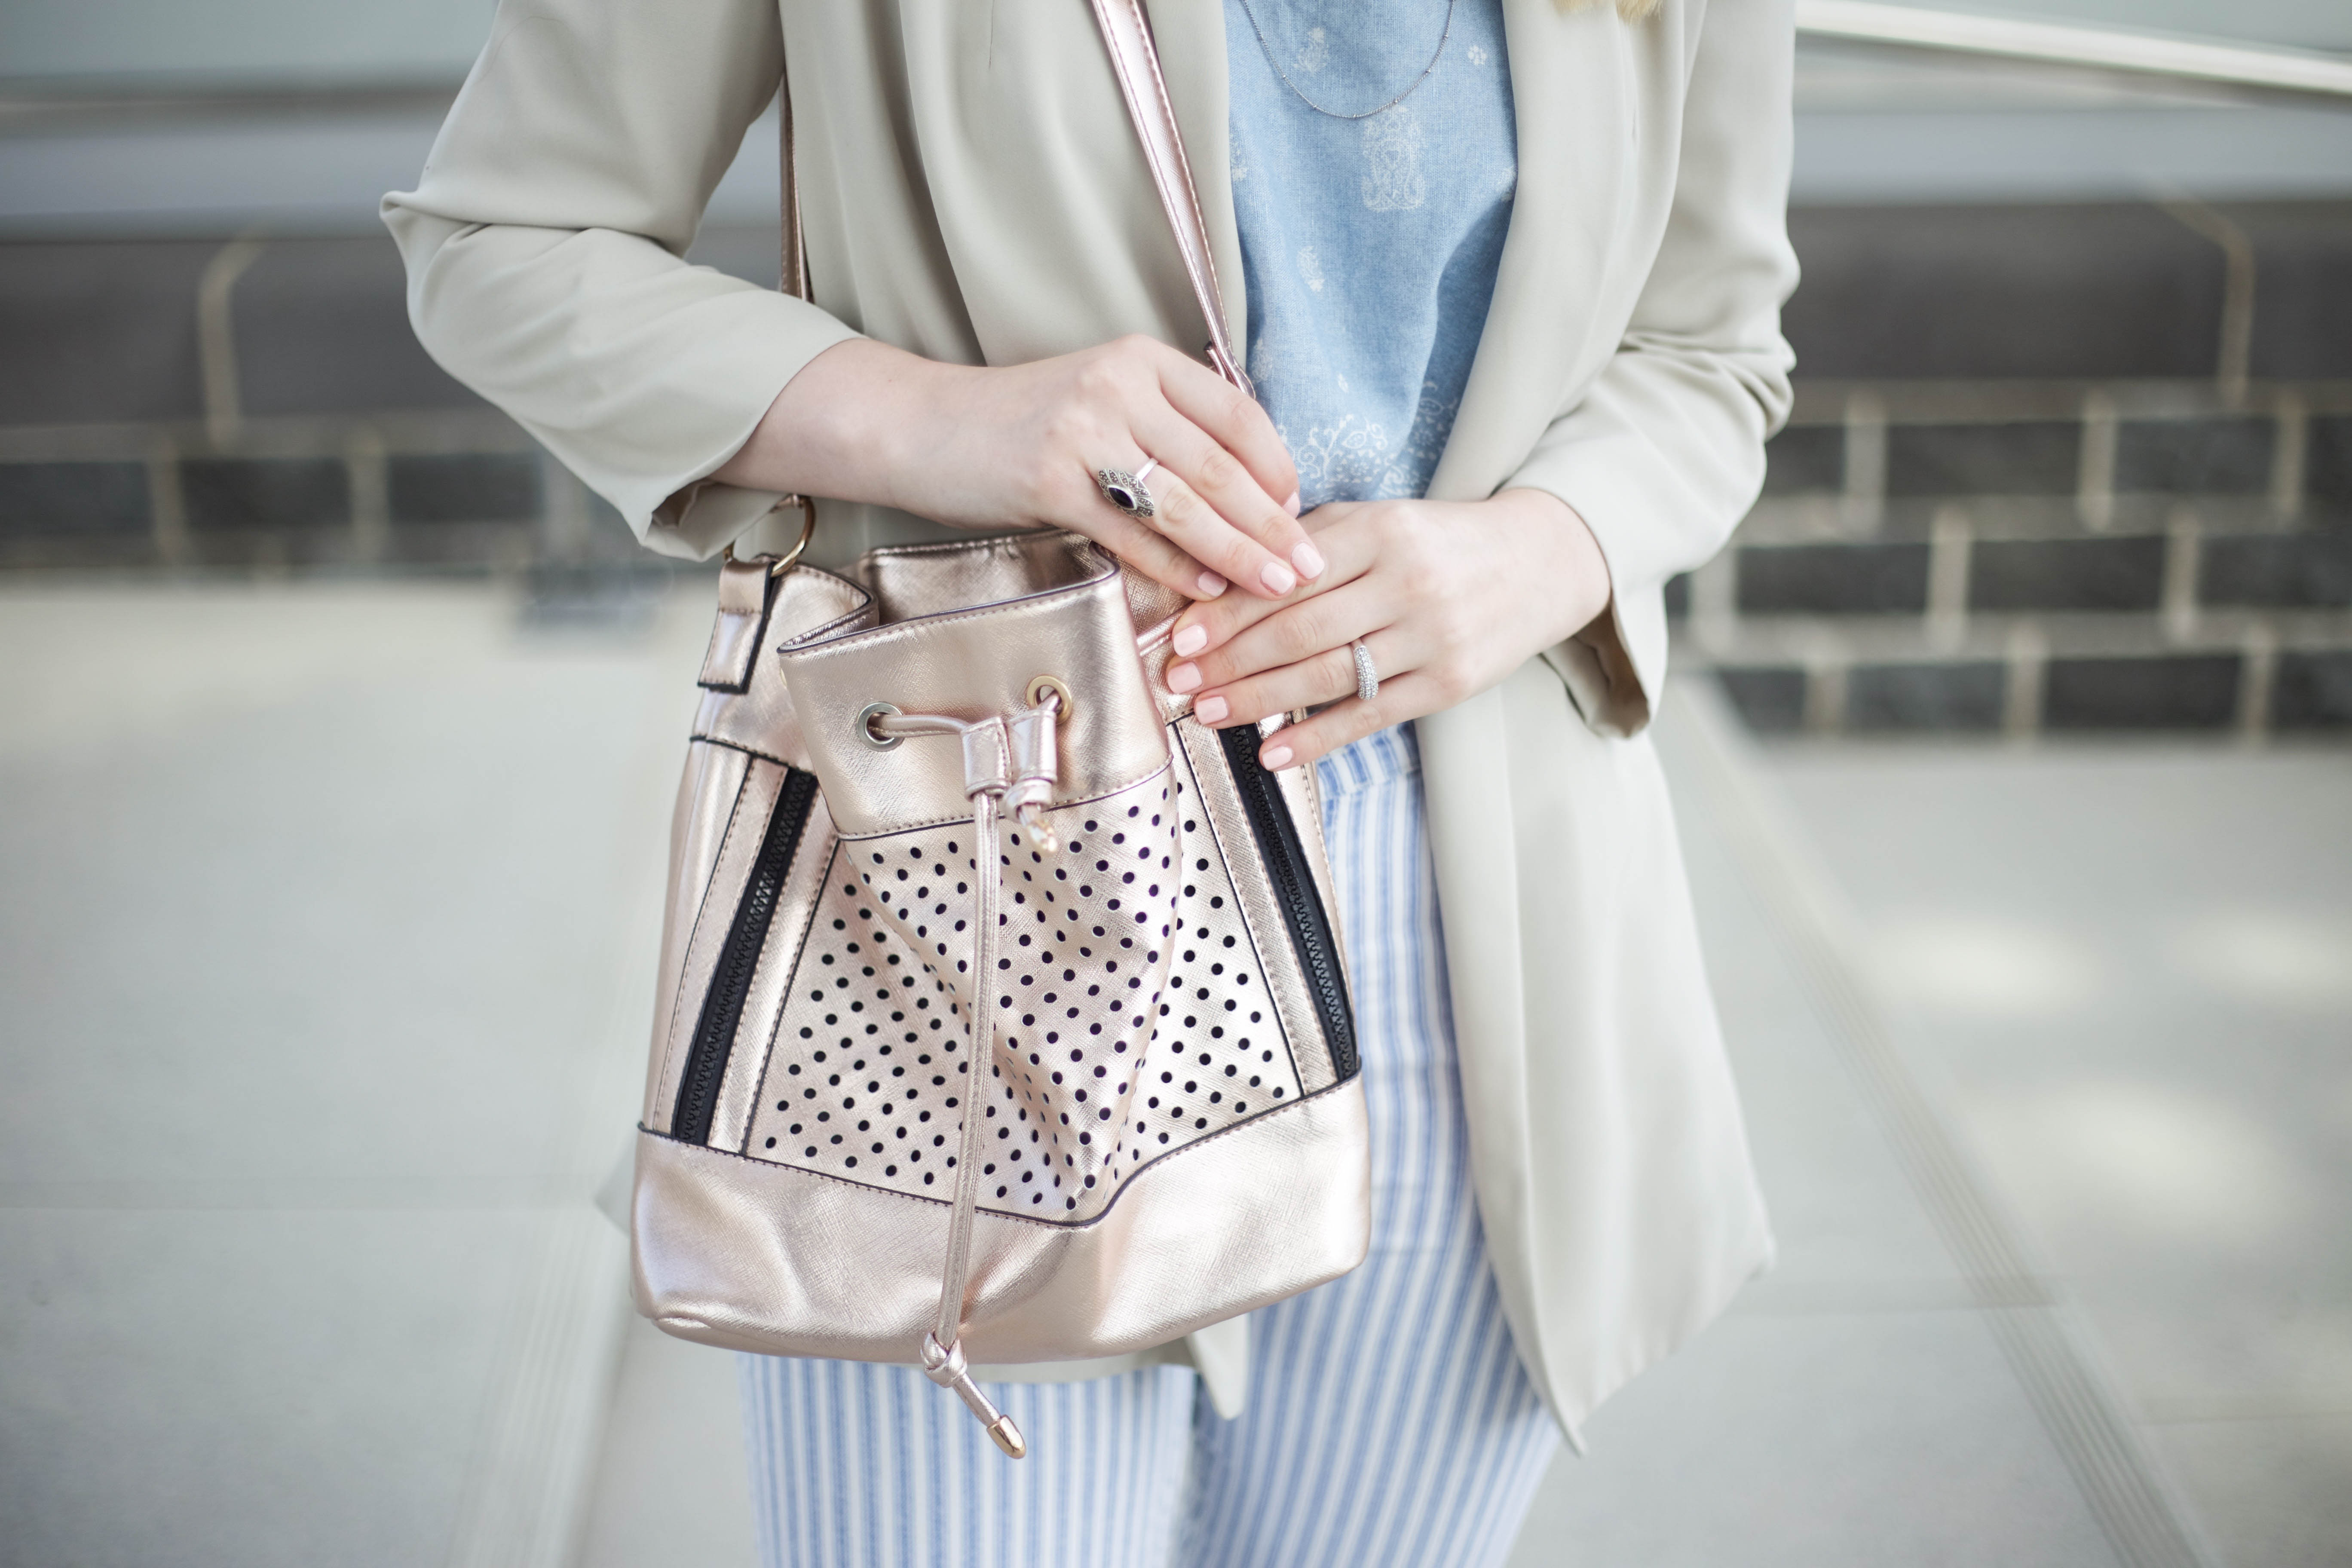 striped-jeans-helle-farben-kölnbloggt-frühlingsoutfit-modeblog_5834